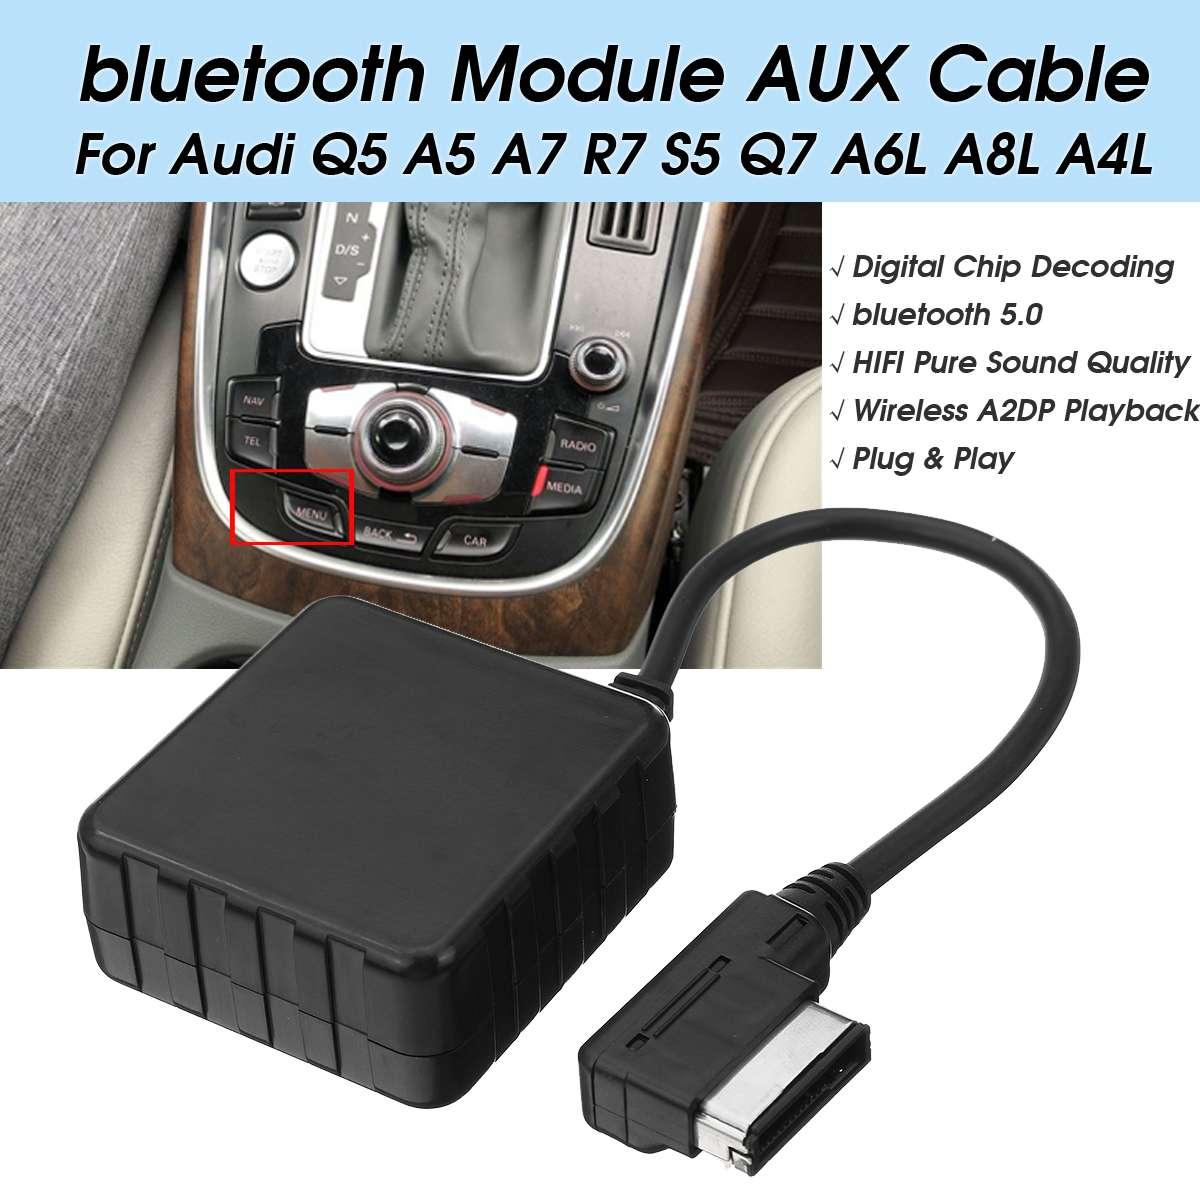 Kit bluetooth voiture Module AUX adaptateur de câble d'entrée MMI 3G + pour Audi Q5 A5/7 R7 S5 Q7 A6L/8L A4L